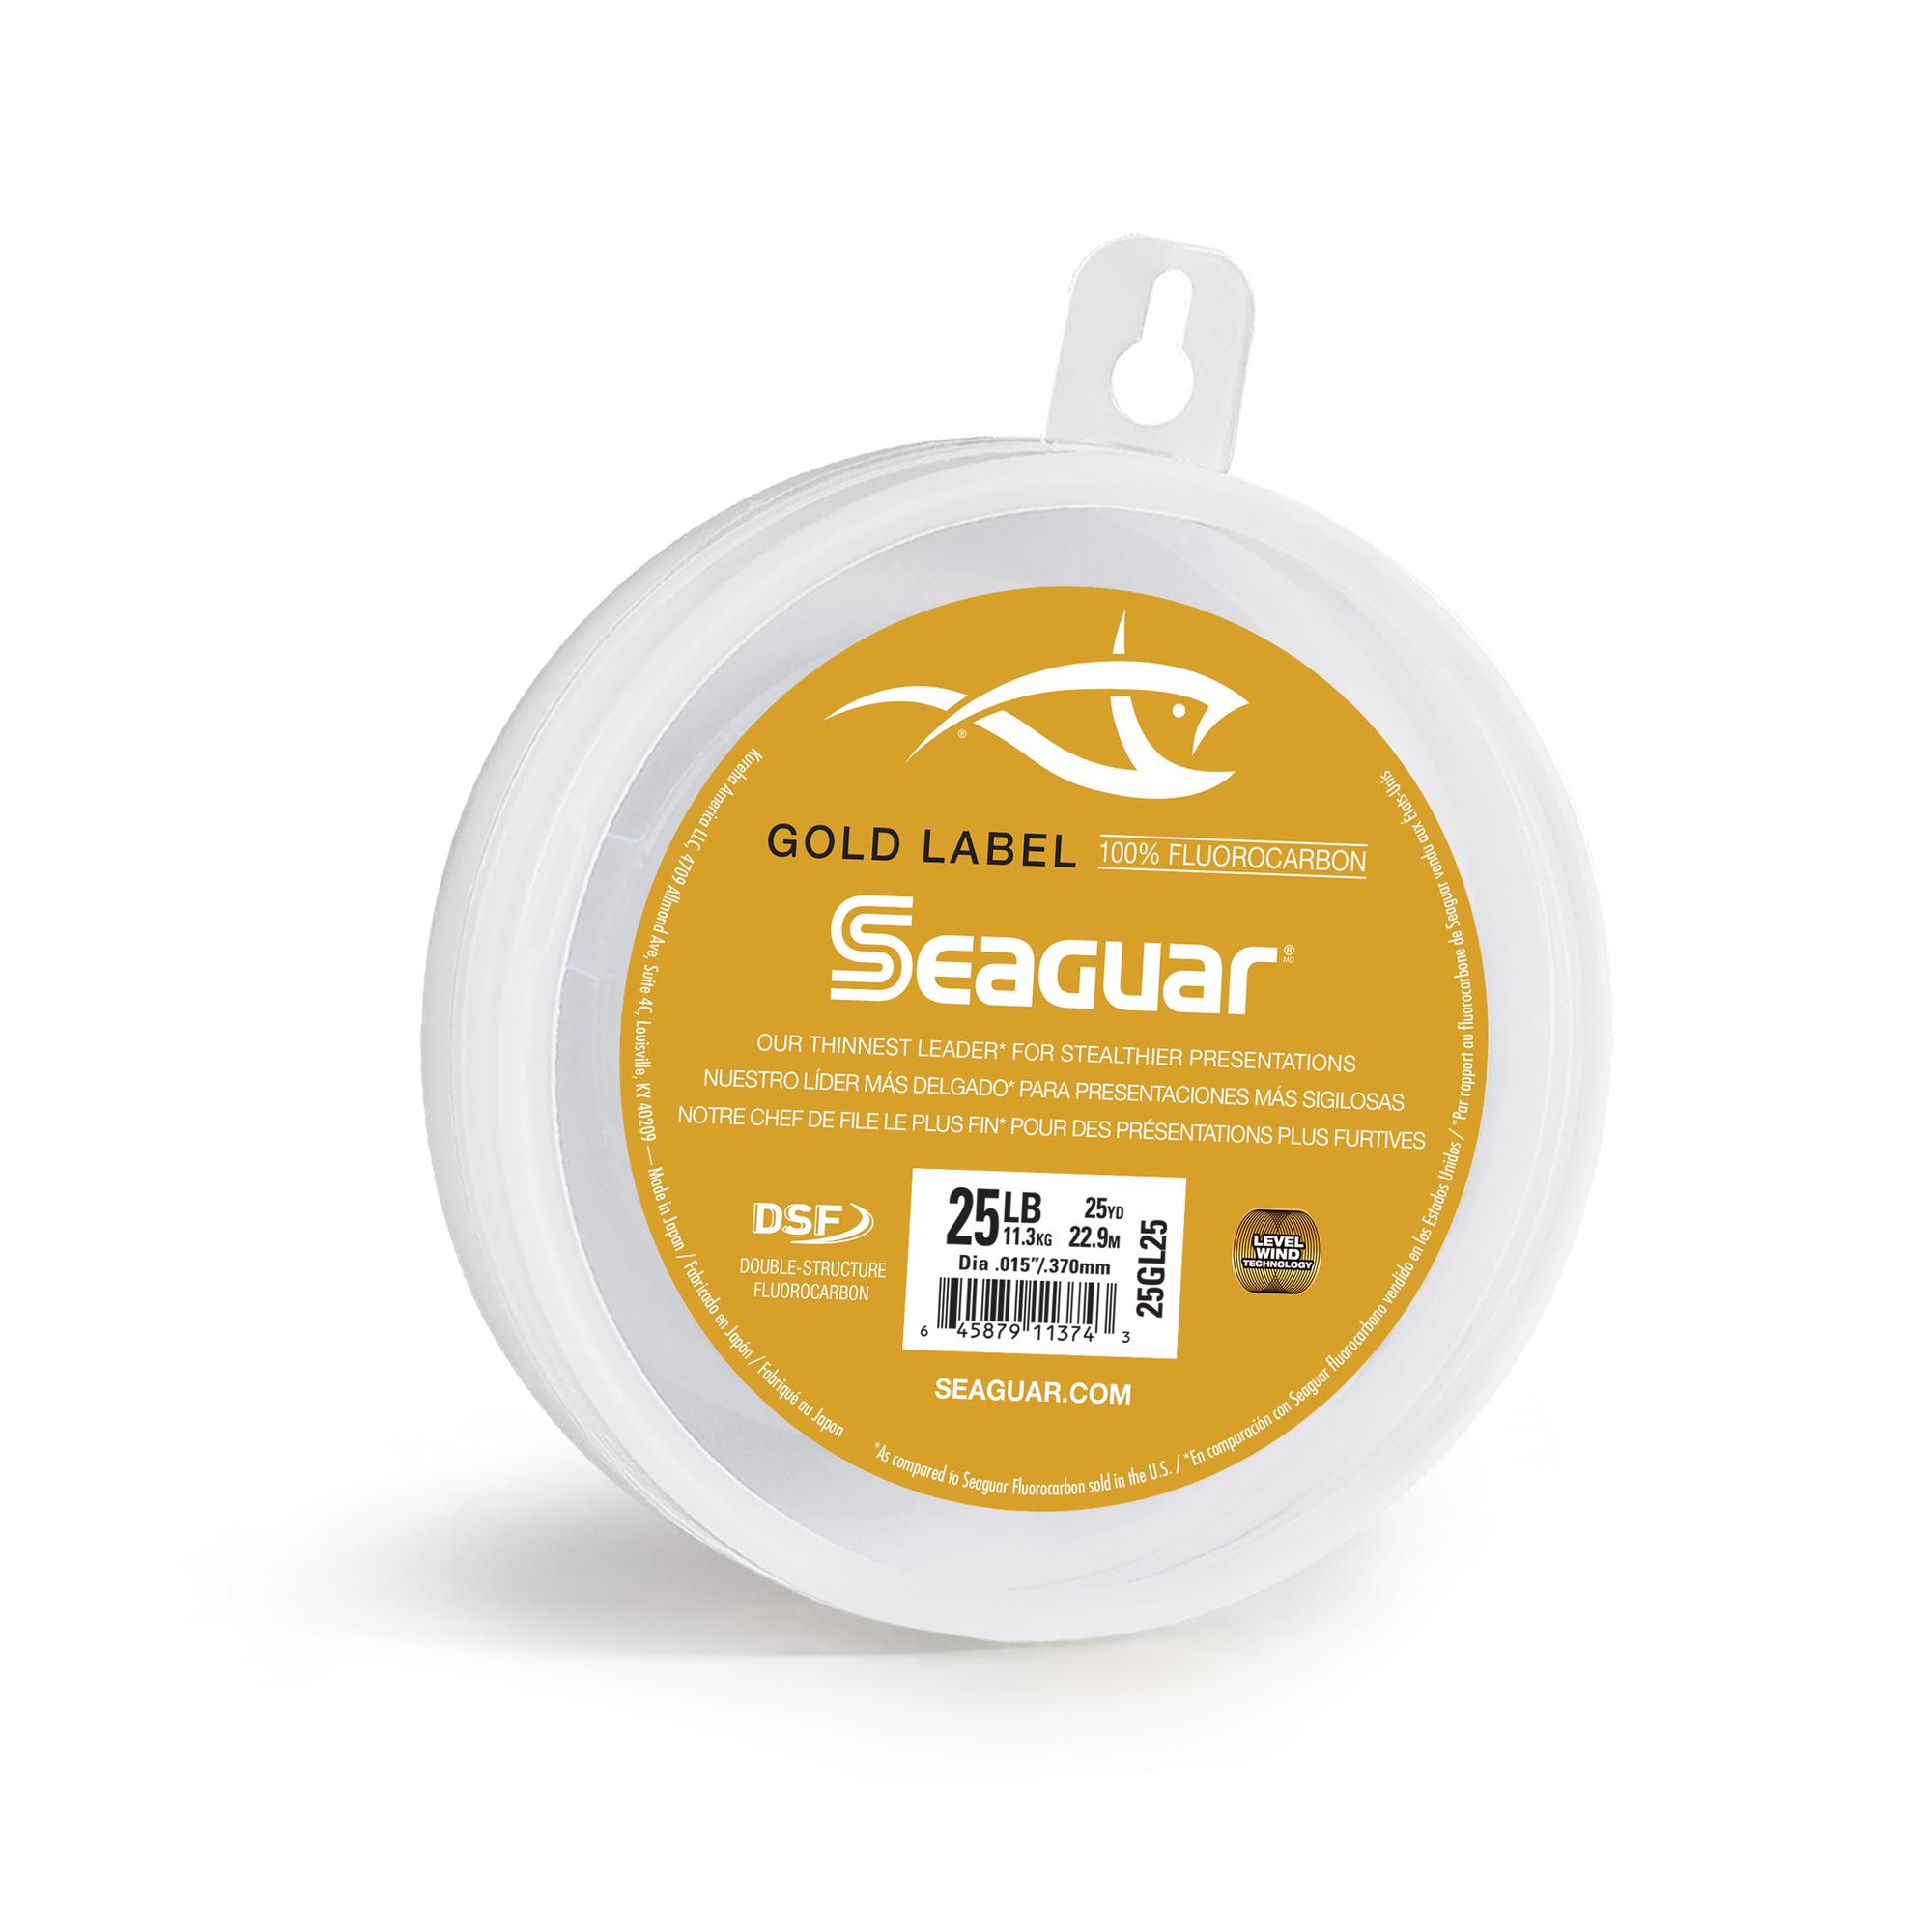 Seaguar Gold Label 25 25GL25 Flourocarbon Leader